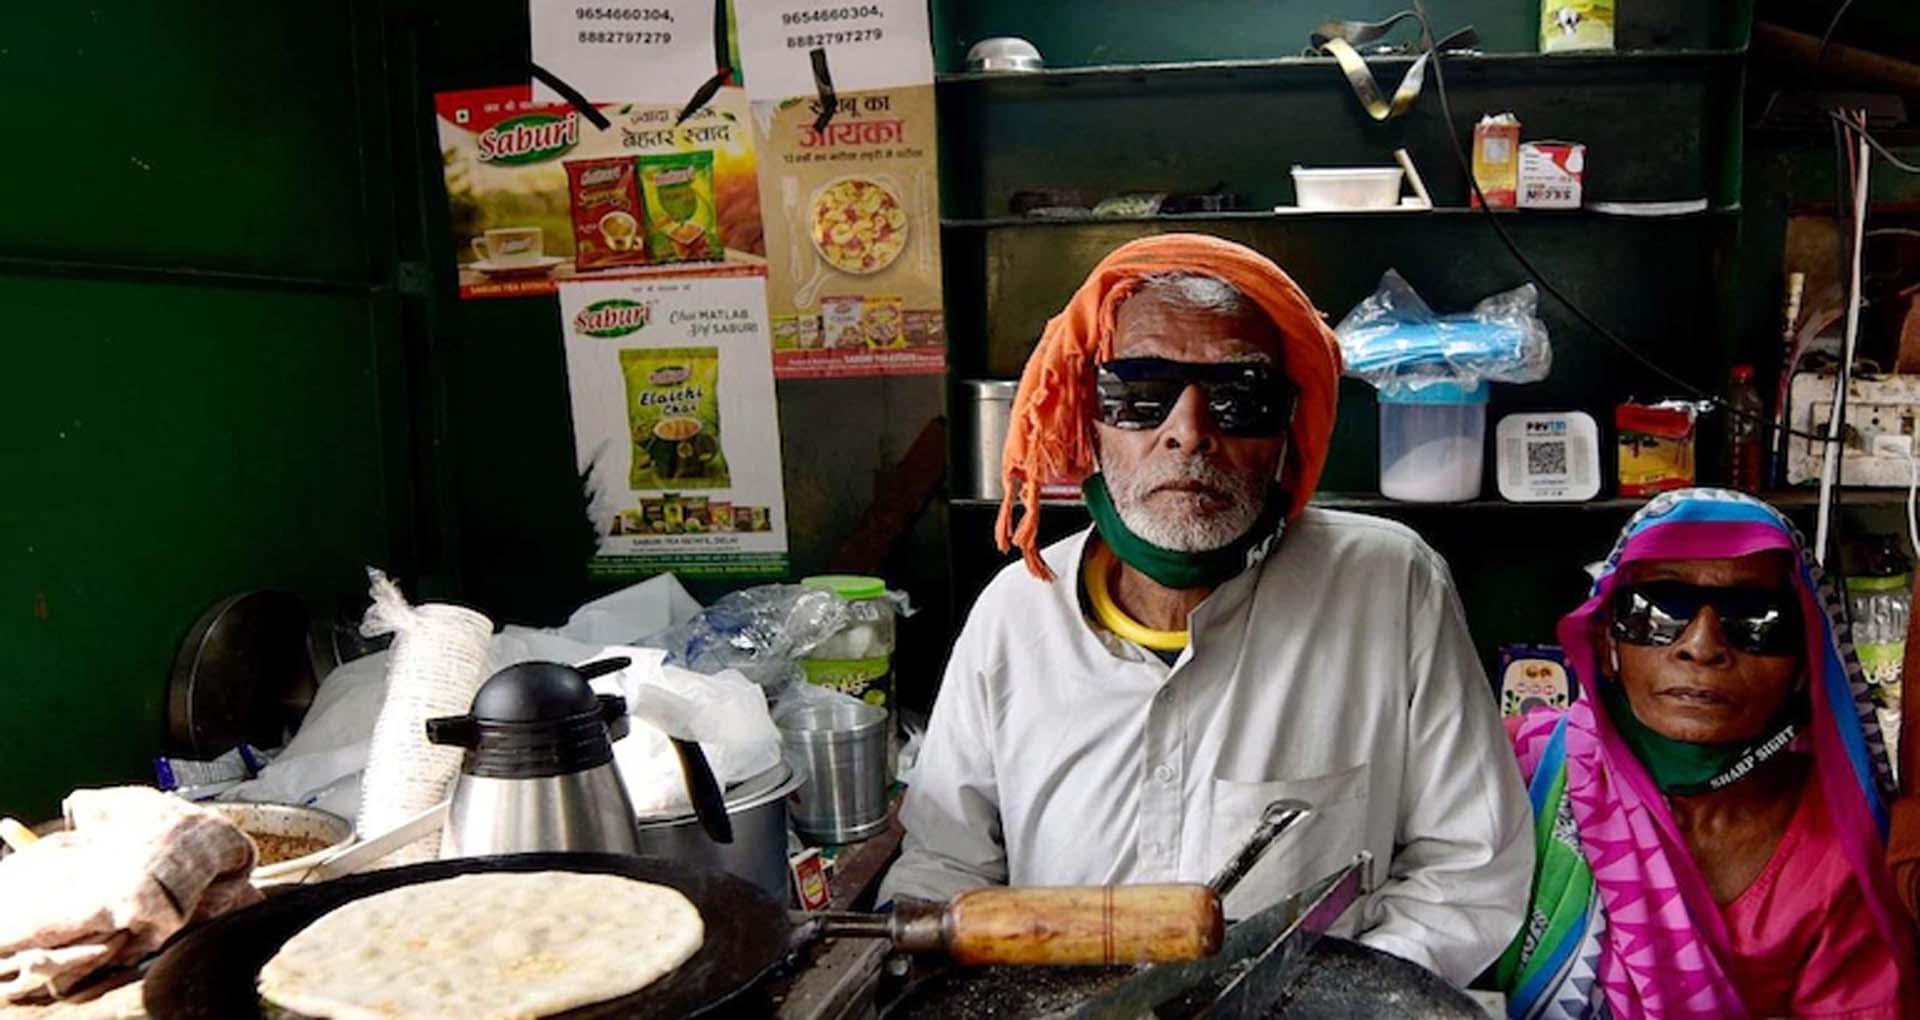 Baba Ka Dhaba के मालिक ने ट्यूबर गौरव वासन के खिलाफ की शिकायत, पैसों की हेराफेरी का लगाया आरोप